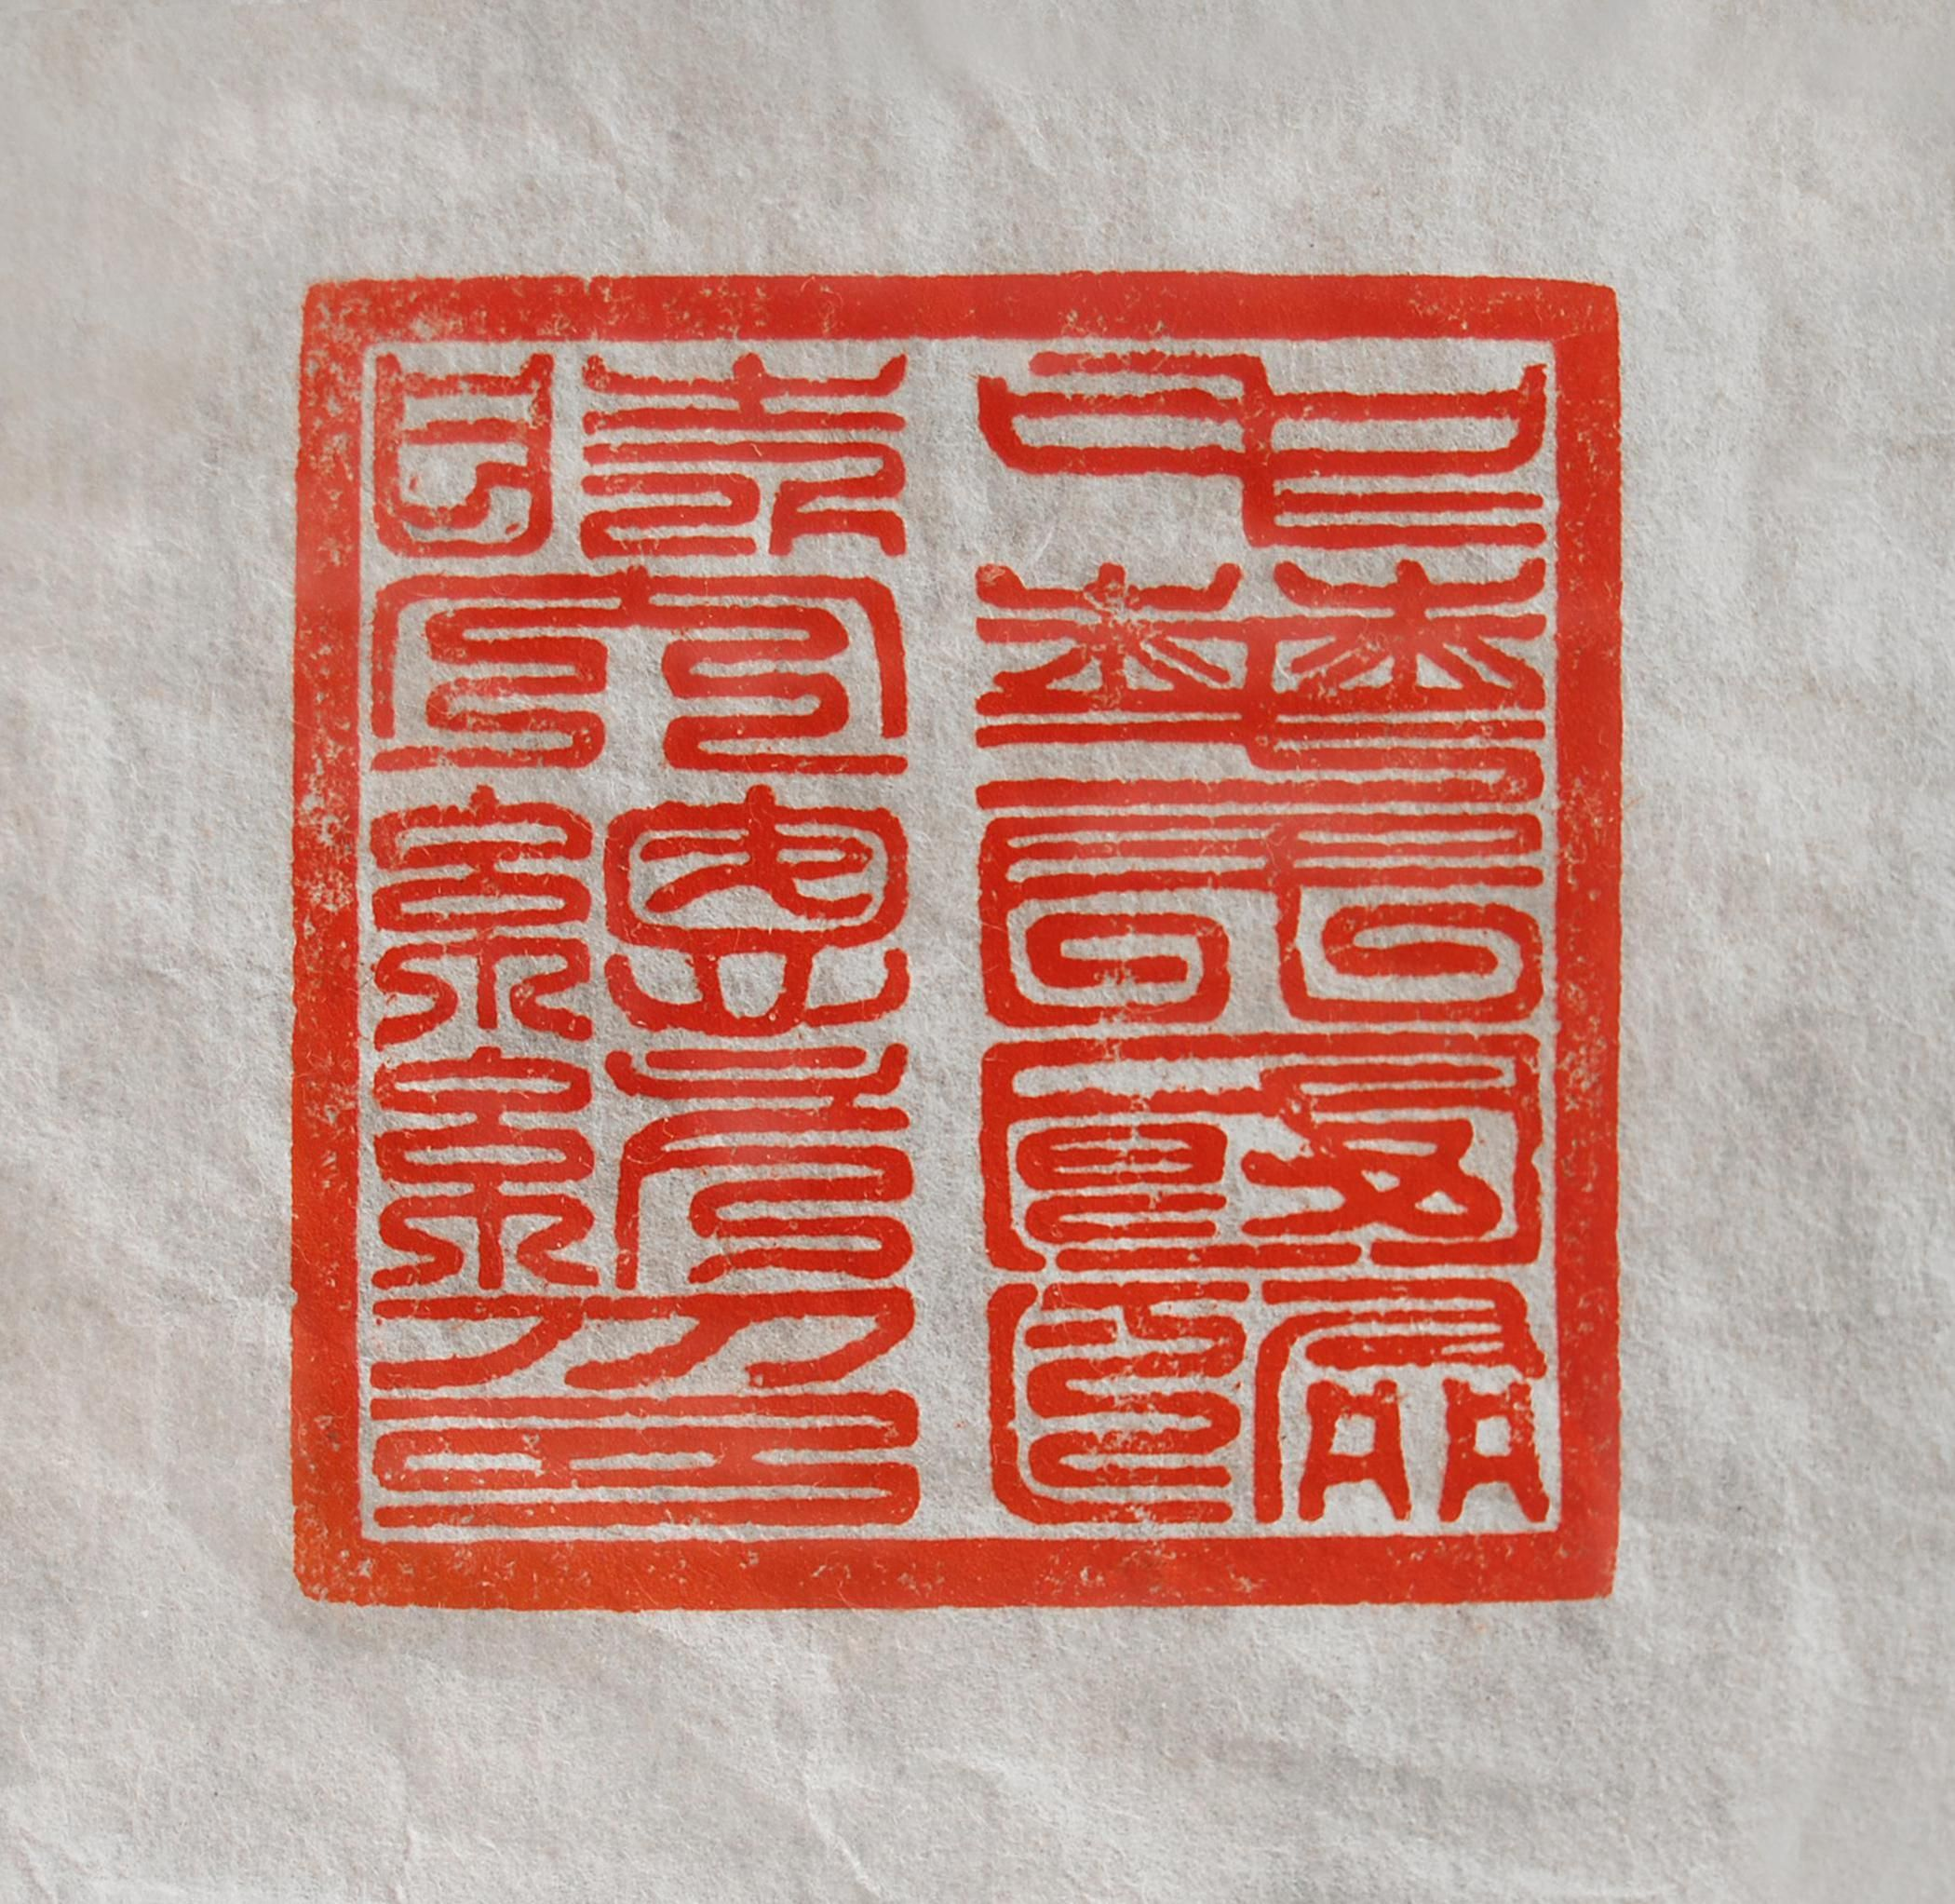 高清中华民国大总统 重生之大总统 袁世凯坐上中华民国大总统的社会